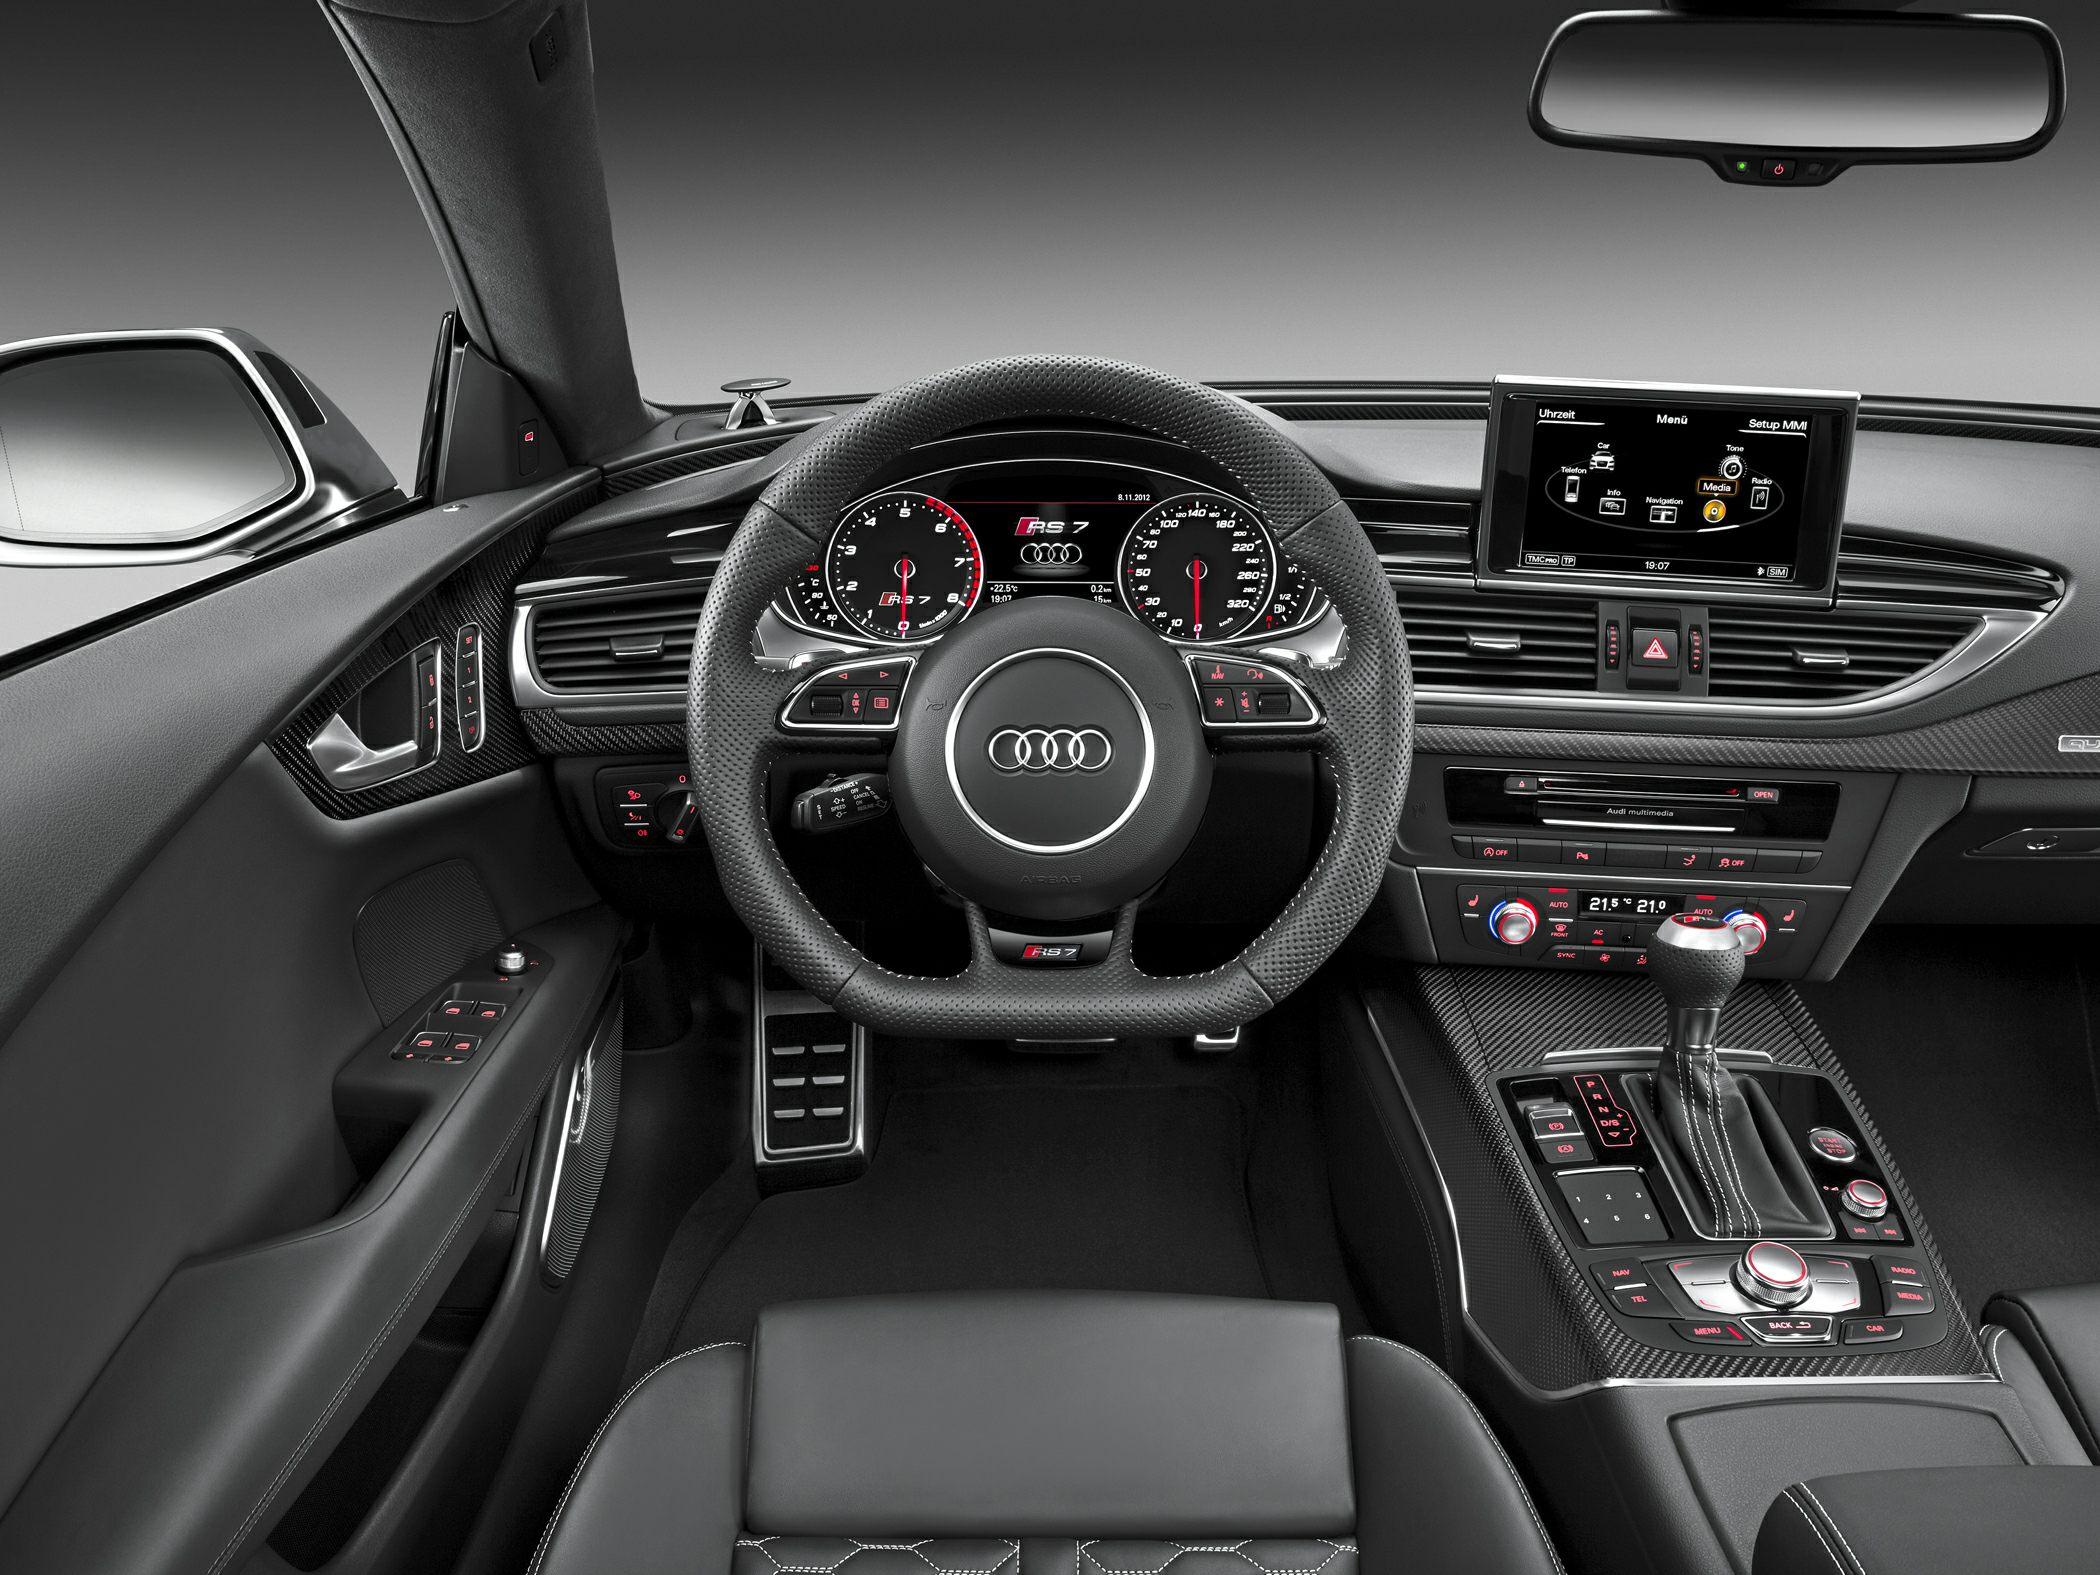 2014 Audi RS 7 Interior